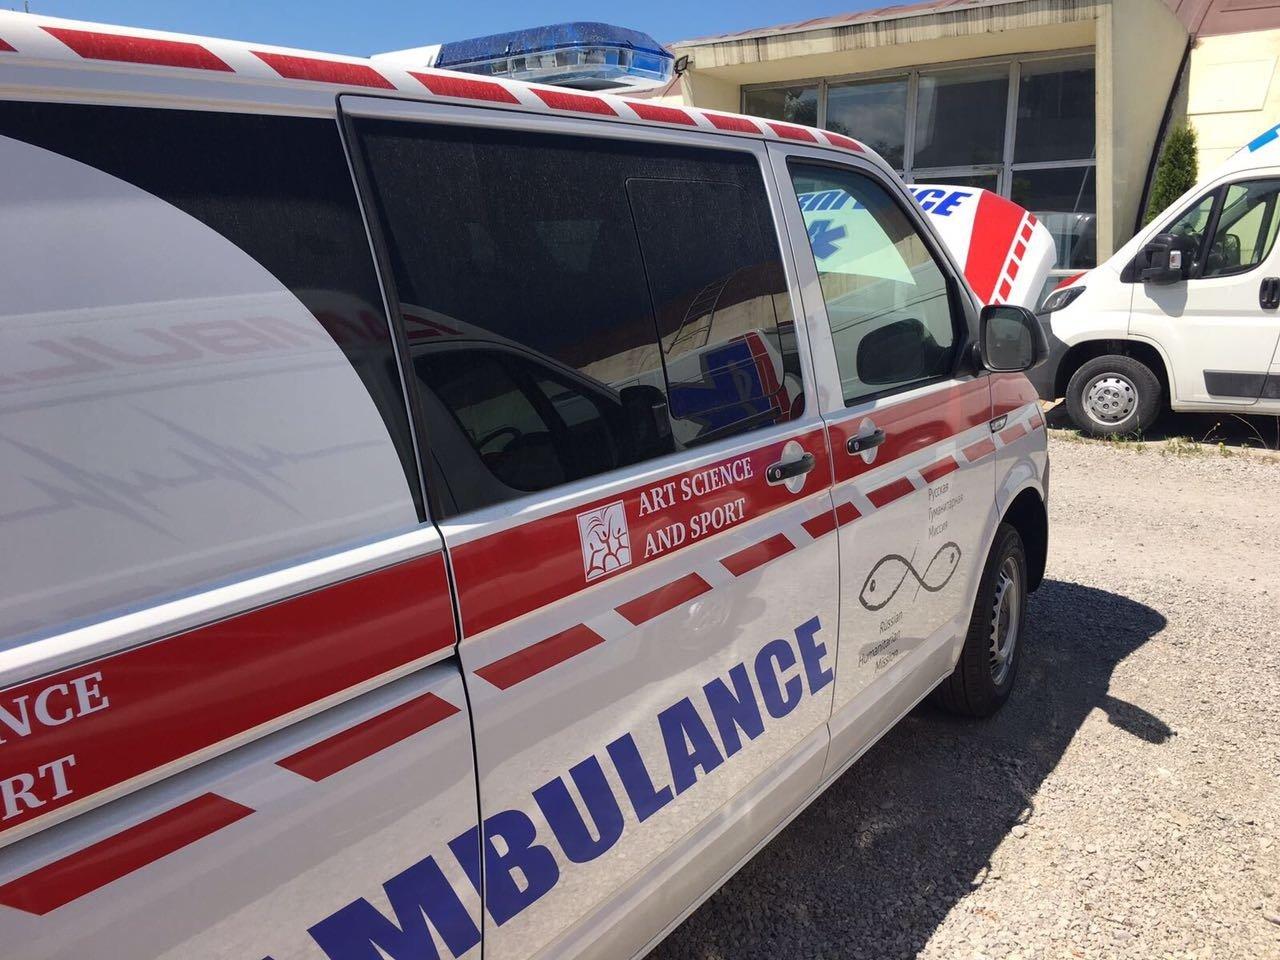 ВСербии случилось ДТП савтобусом, пострадали 14 человек